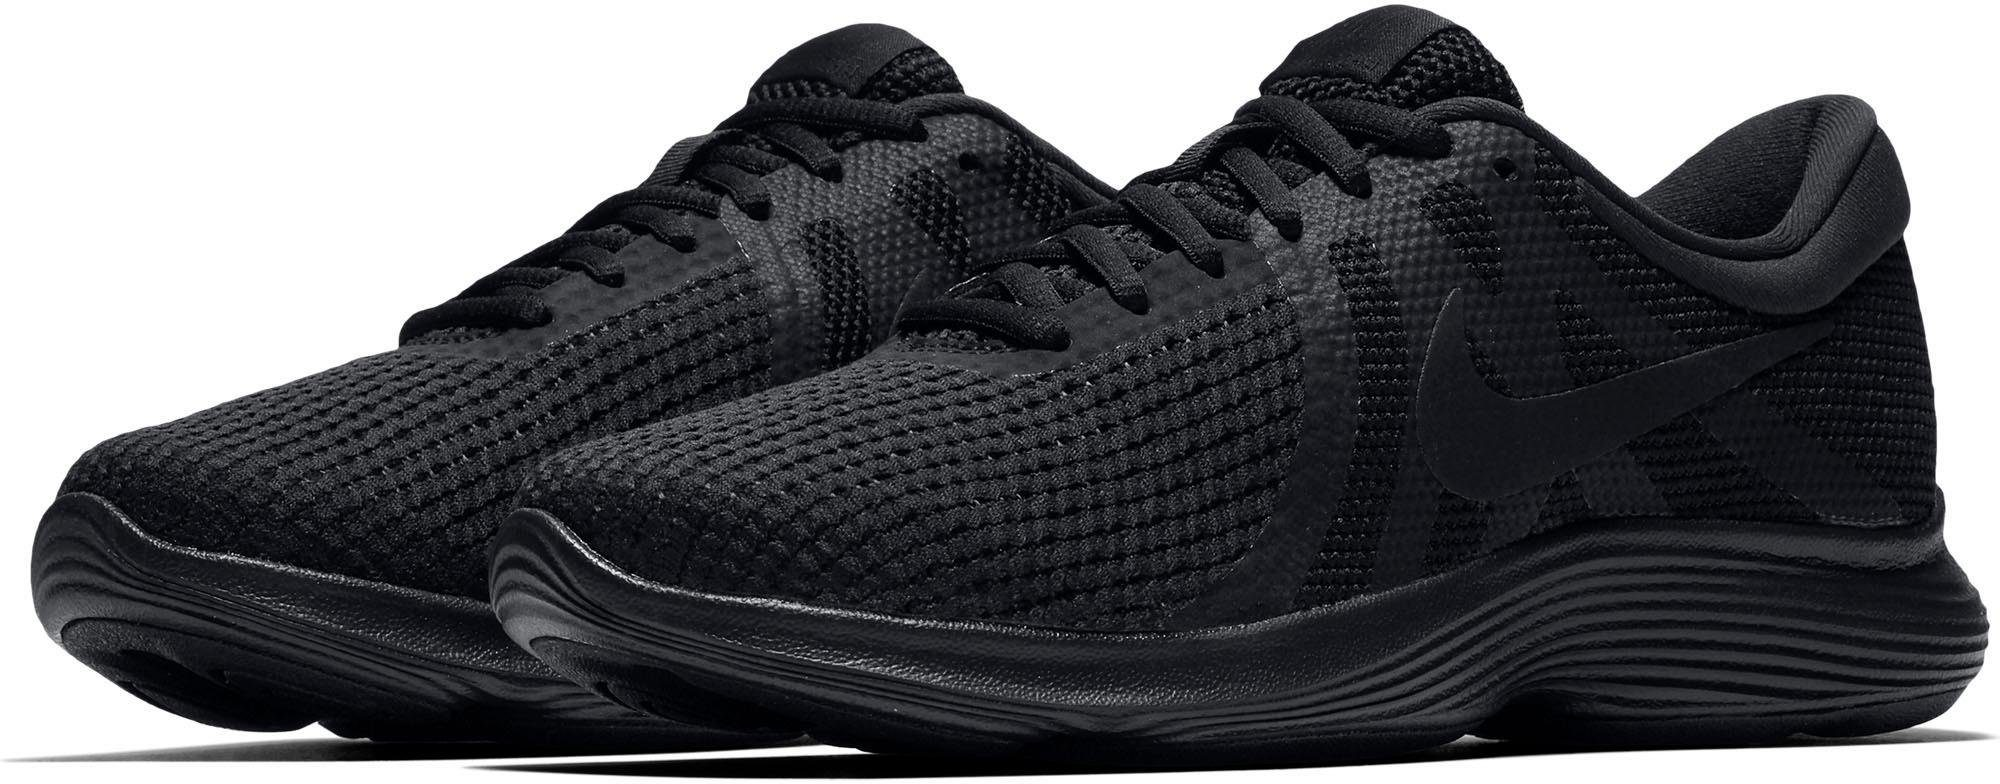 Details zu Nike Damen Laufschuhe WMNS NIKE REVOLUTION 4 EU lila